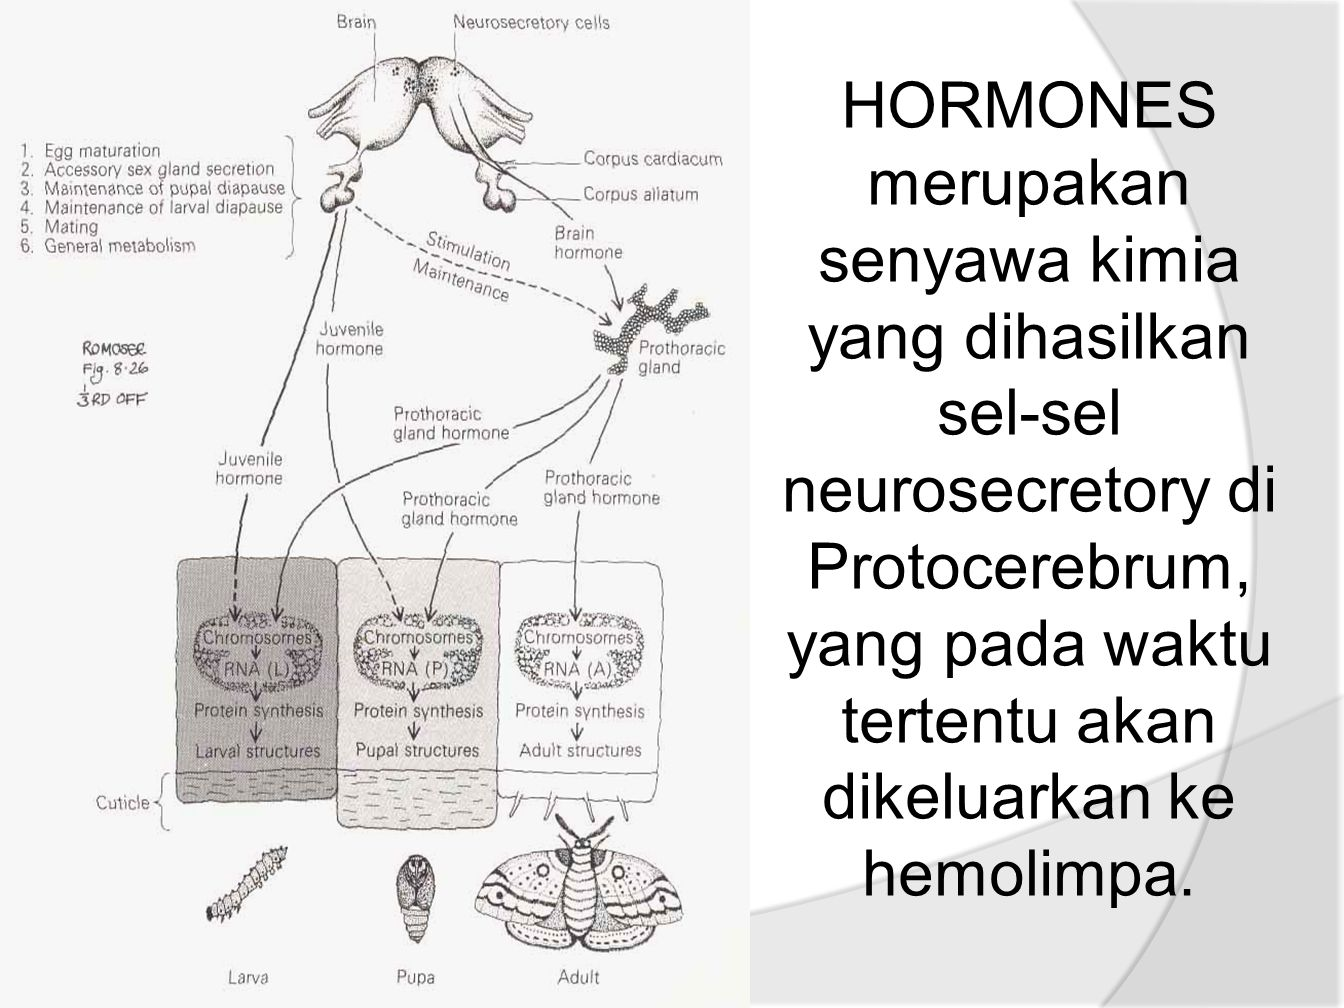 HORMONES merupakan senyawa kimia yang dihasilkan sel-sel neurosecretory di Protocerebrum, yang pada waktu tertentu akan dikeluarkan ke hemolimpa.